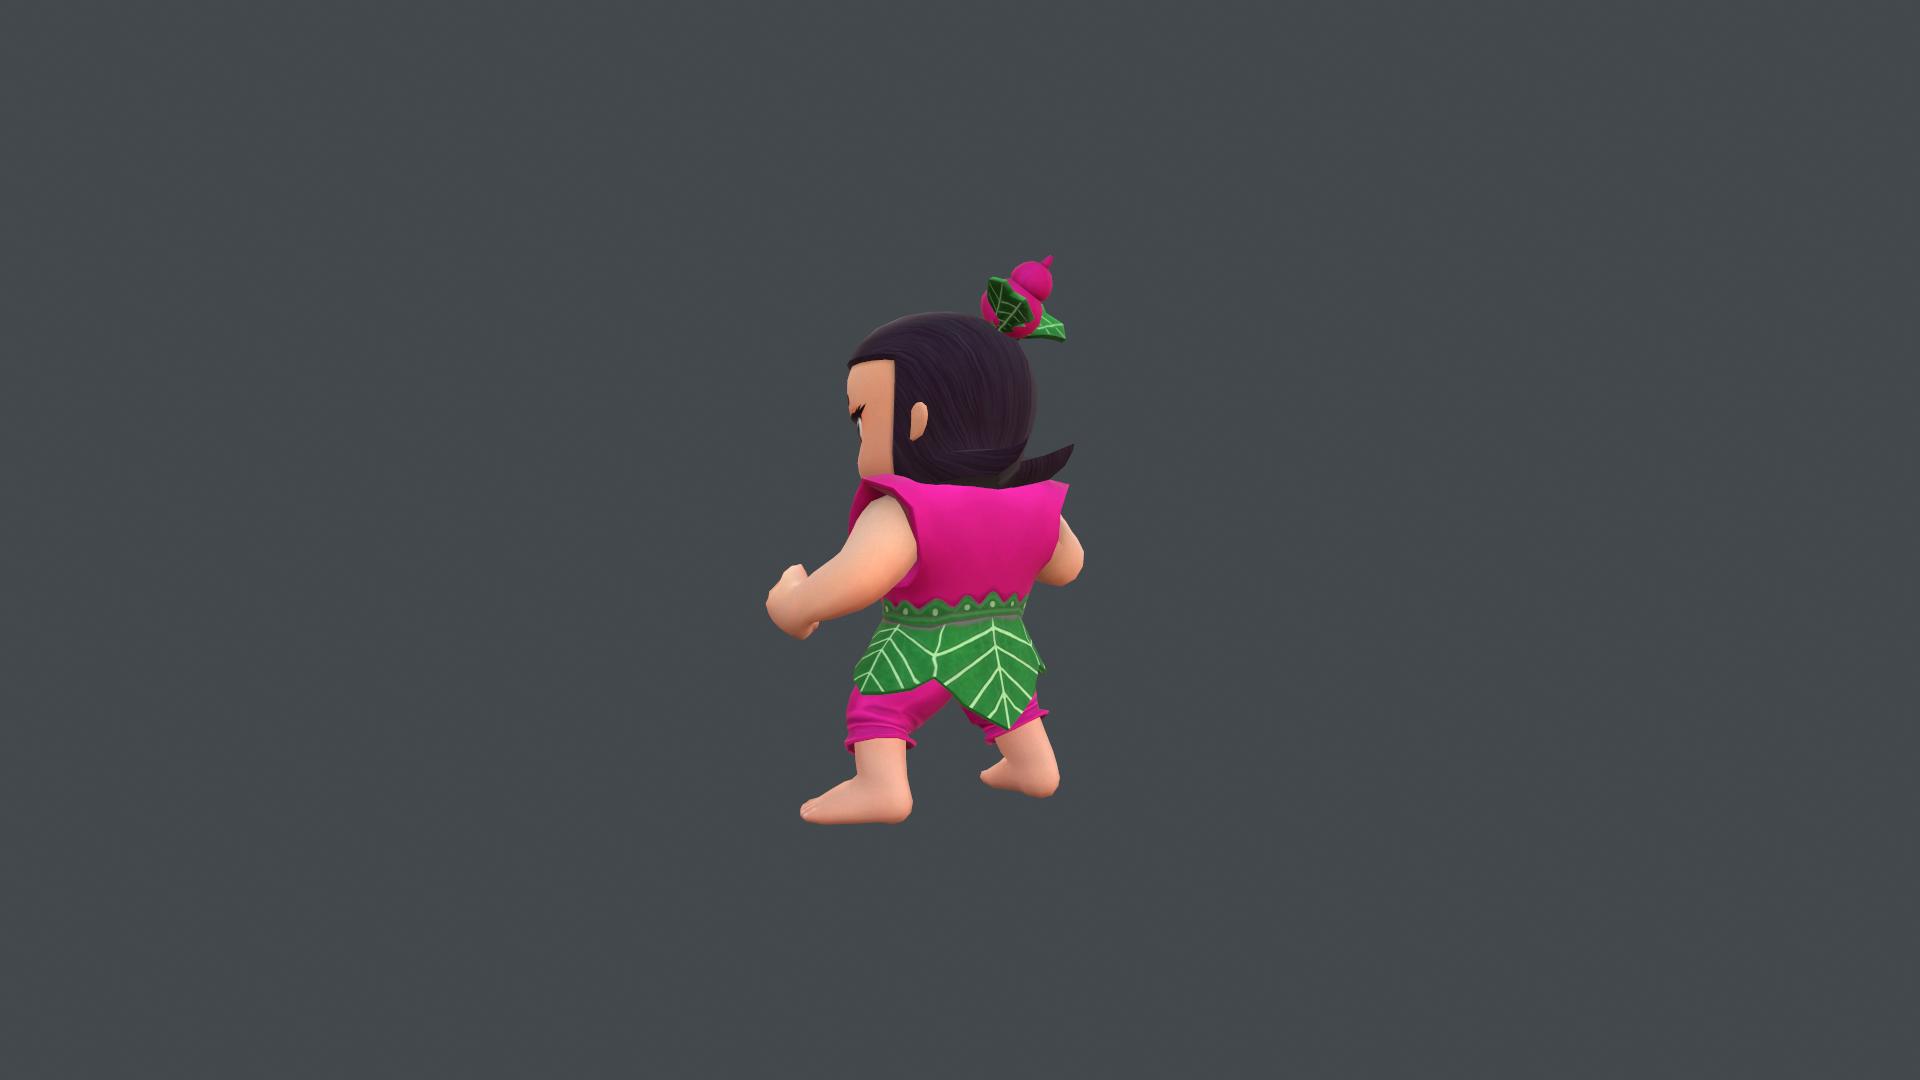 次世代材质有绑定和动画的葫芦娃3D模型